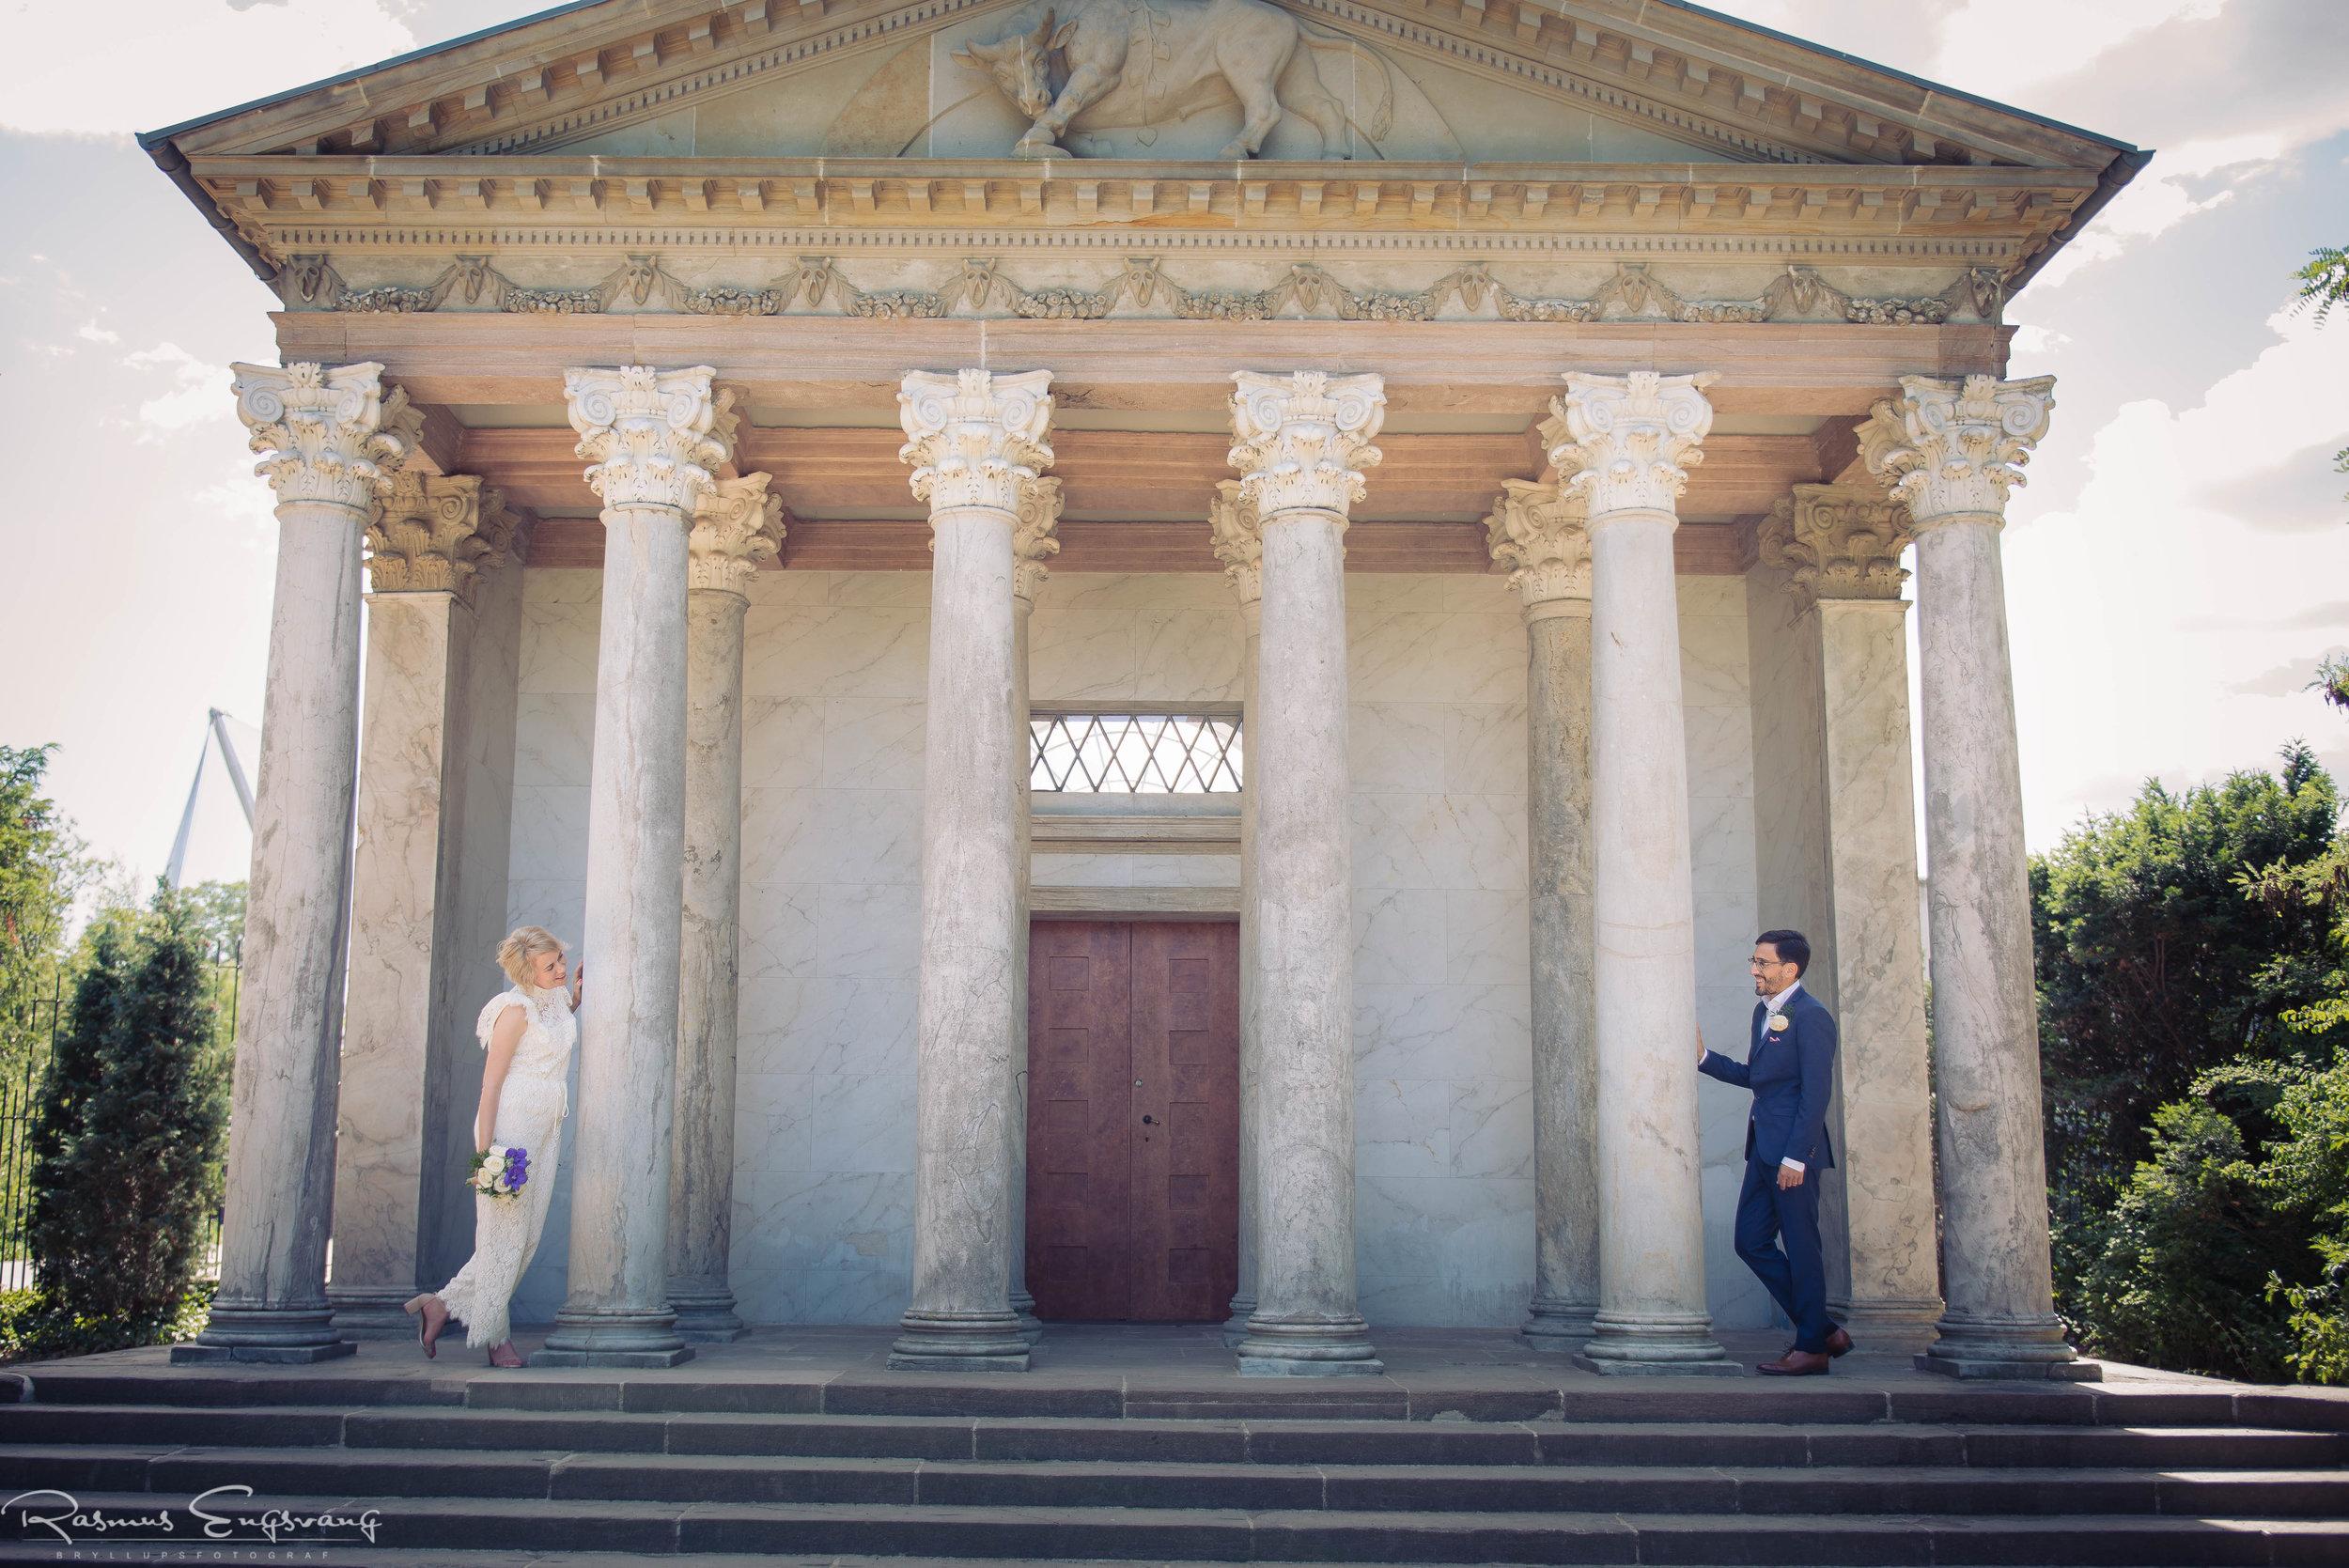 Bryllupsfotograf-København-Rådhus-Frederiksberg-Have-Langelinje-Pavillon-205.jpg